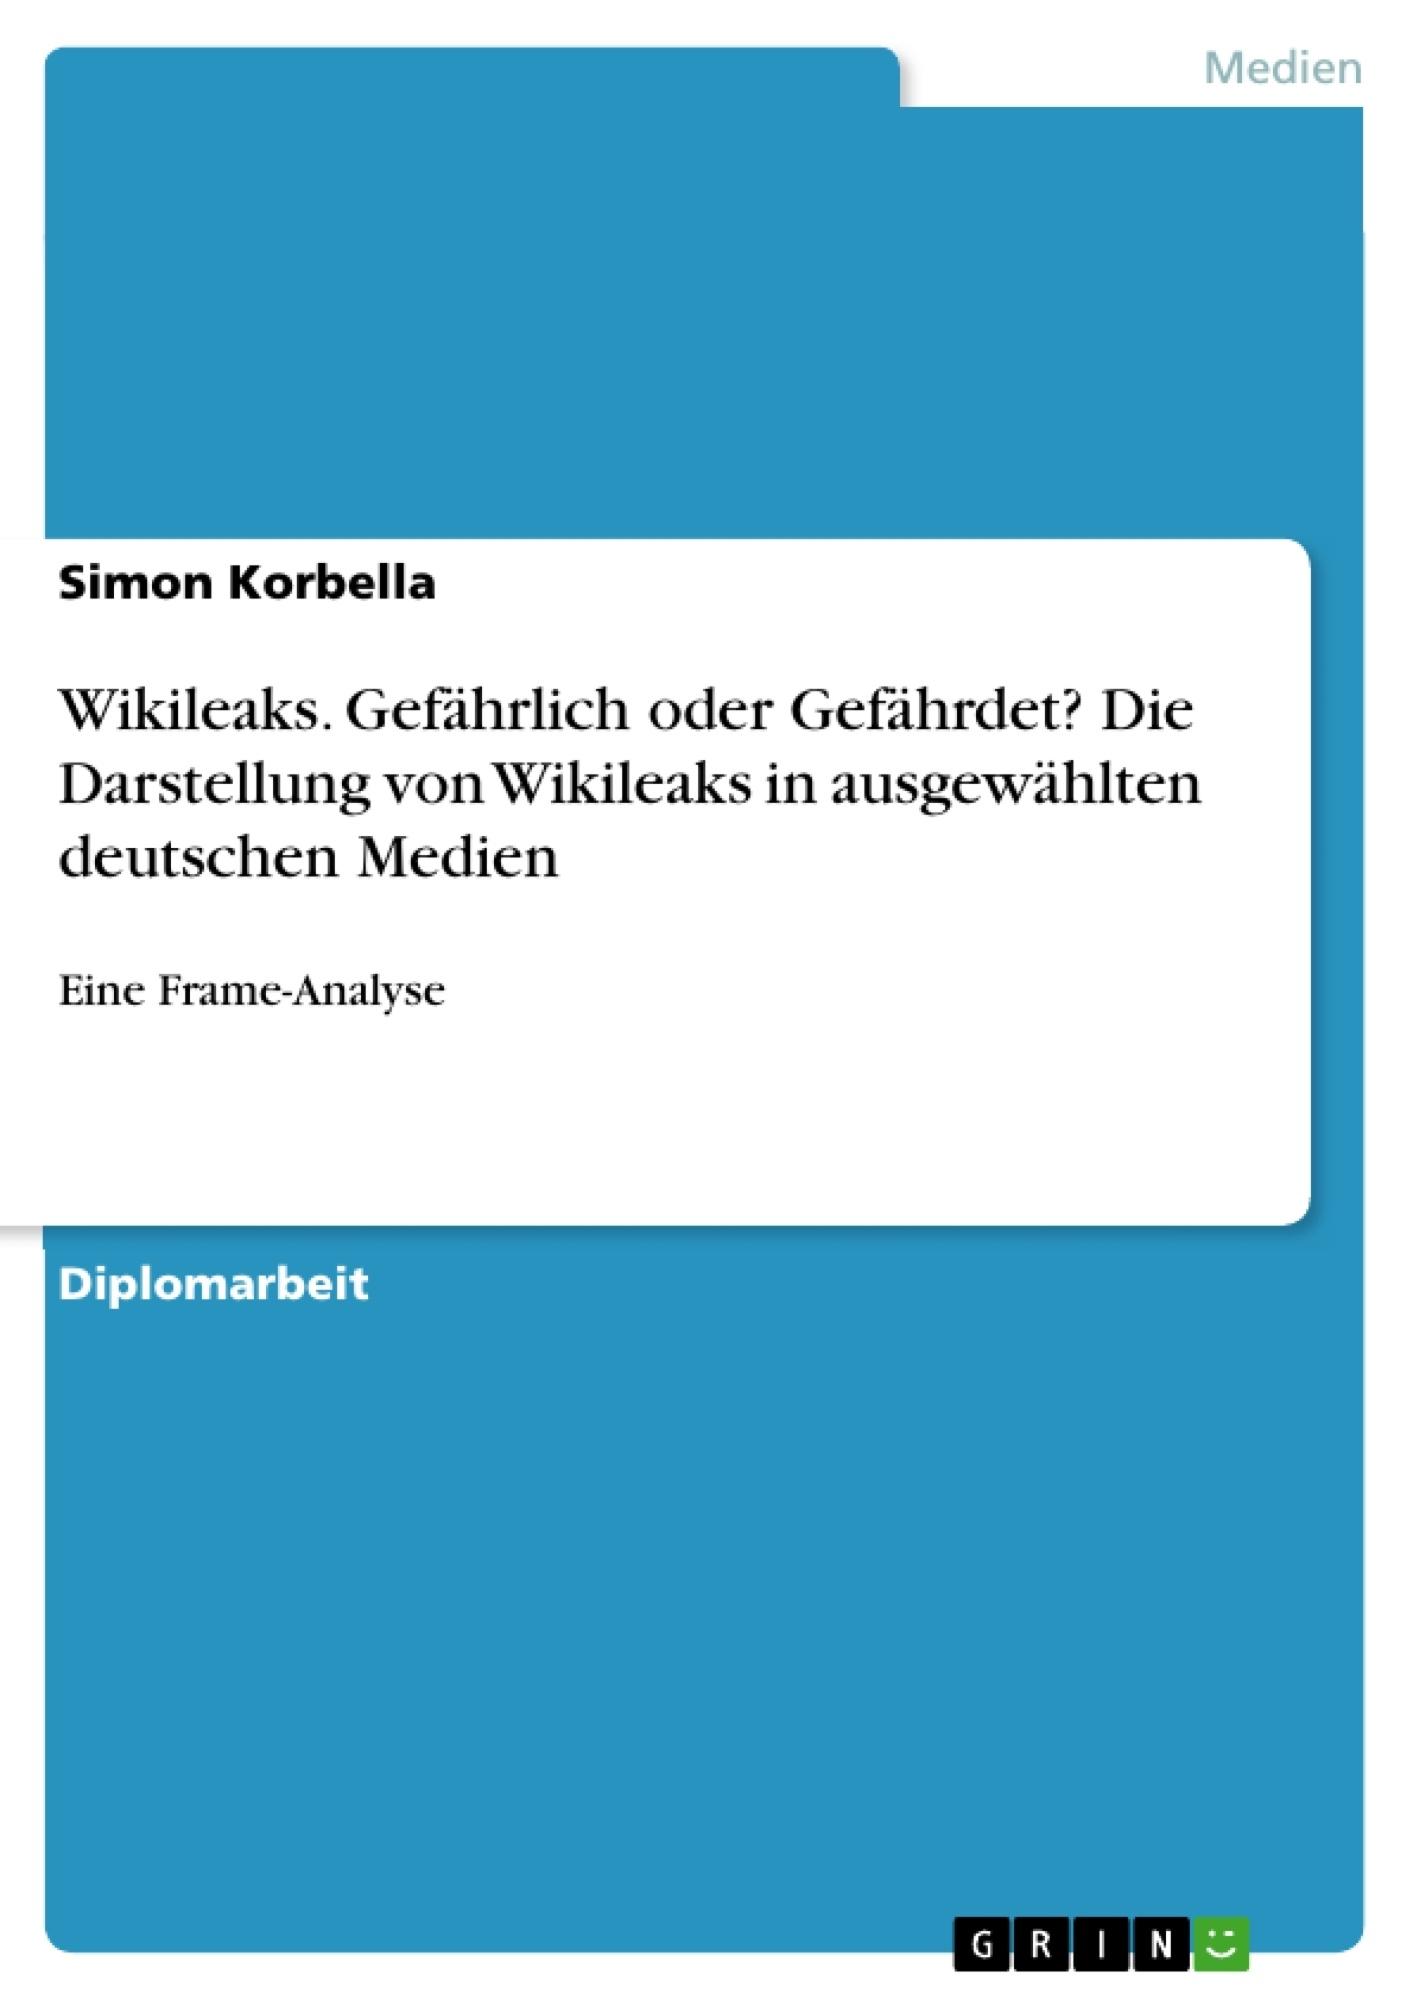 Titel: Wikileaks. Gefährlich oder Gefährdet? Die Darstellung von Wikileaks in ausgewählten deutschen Medien